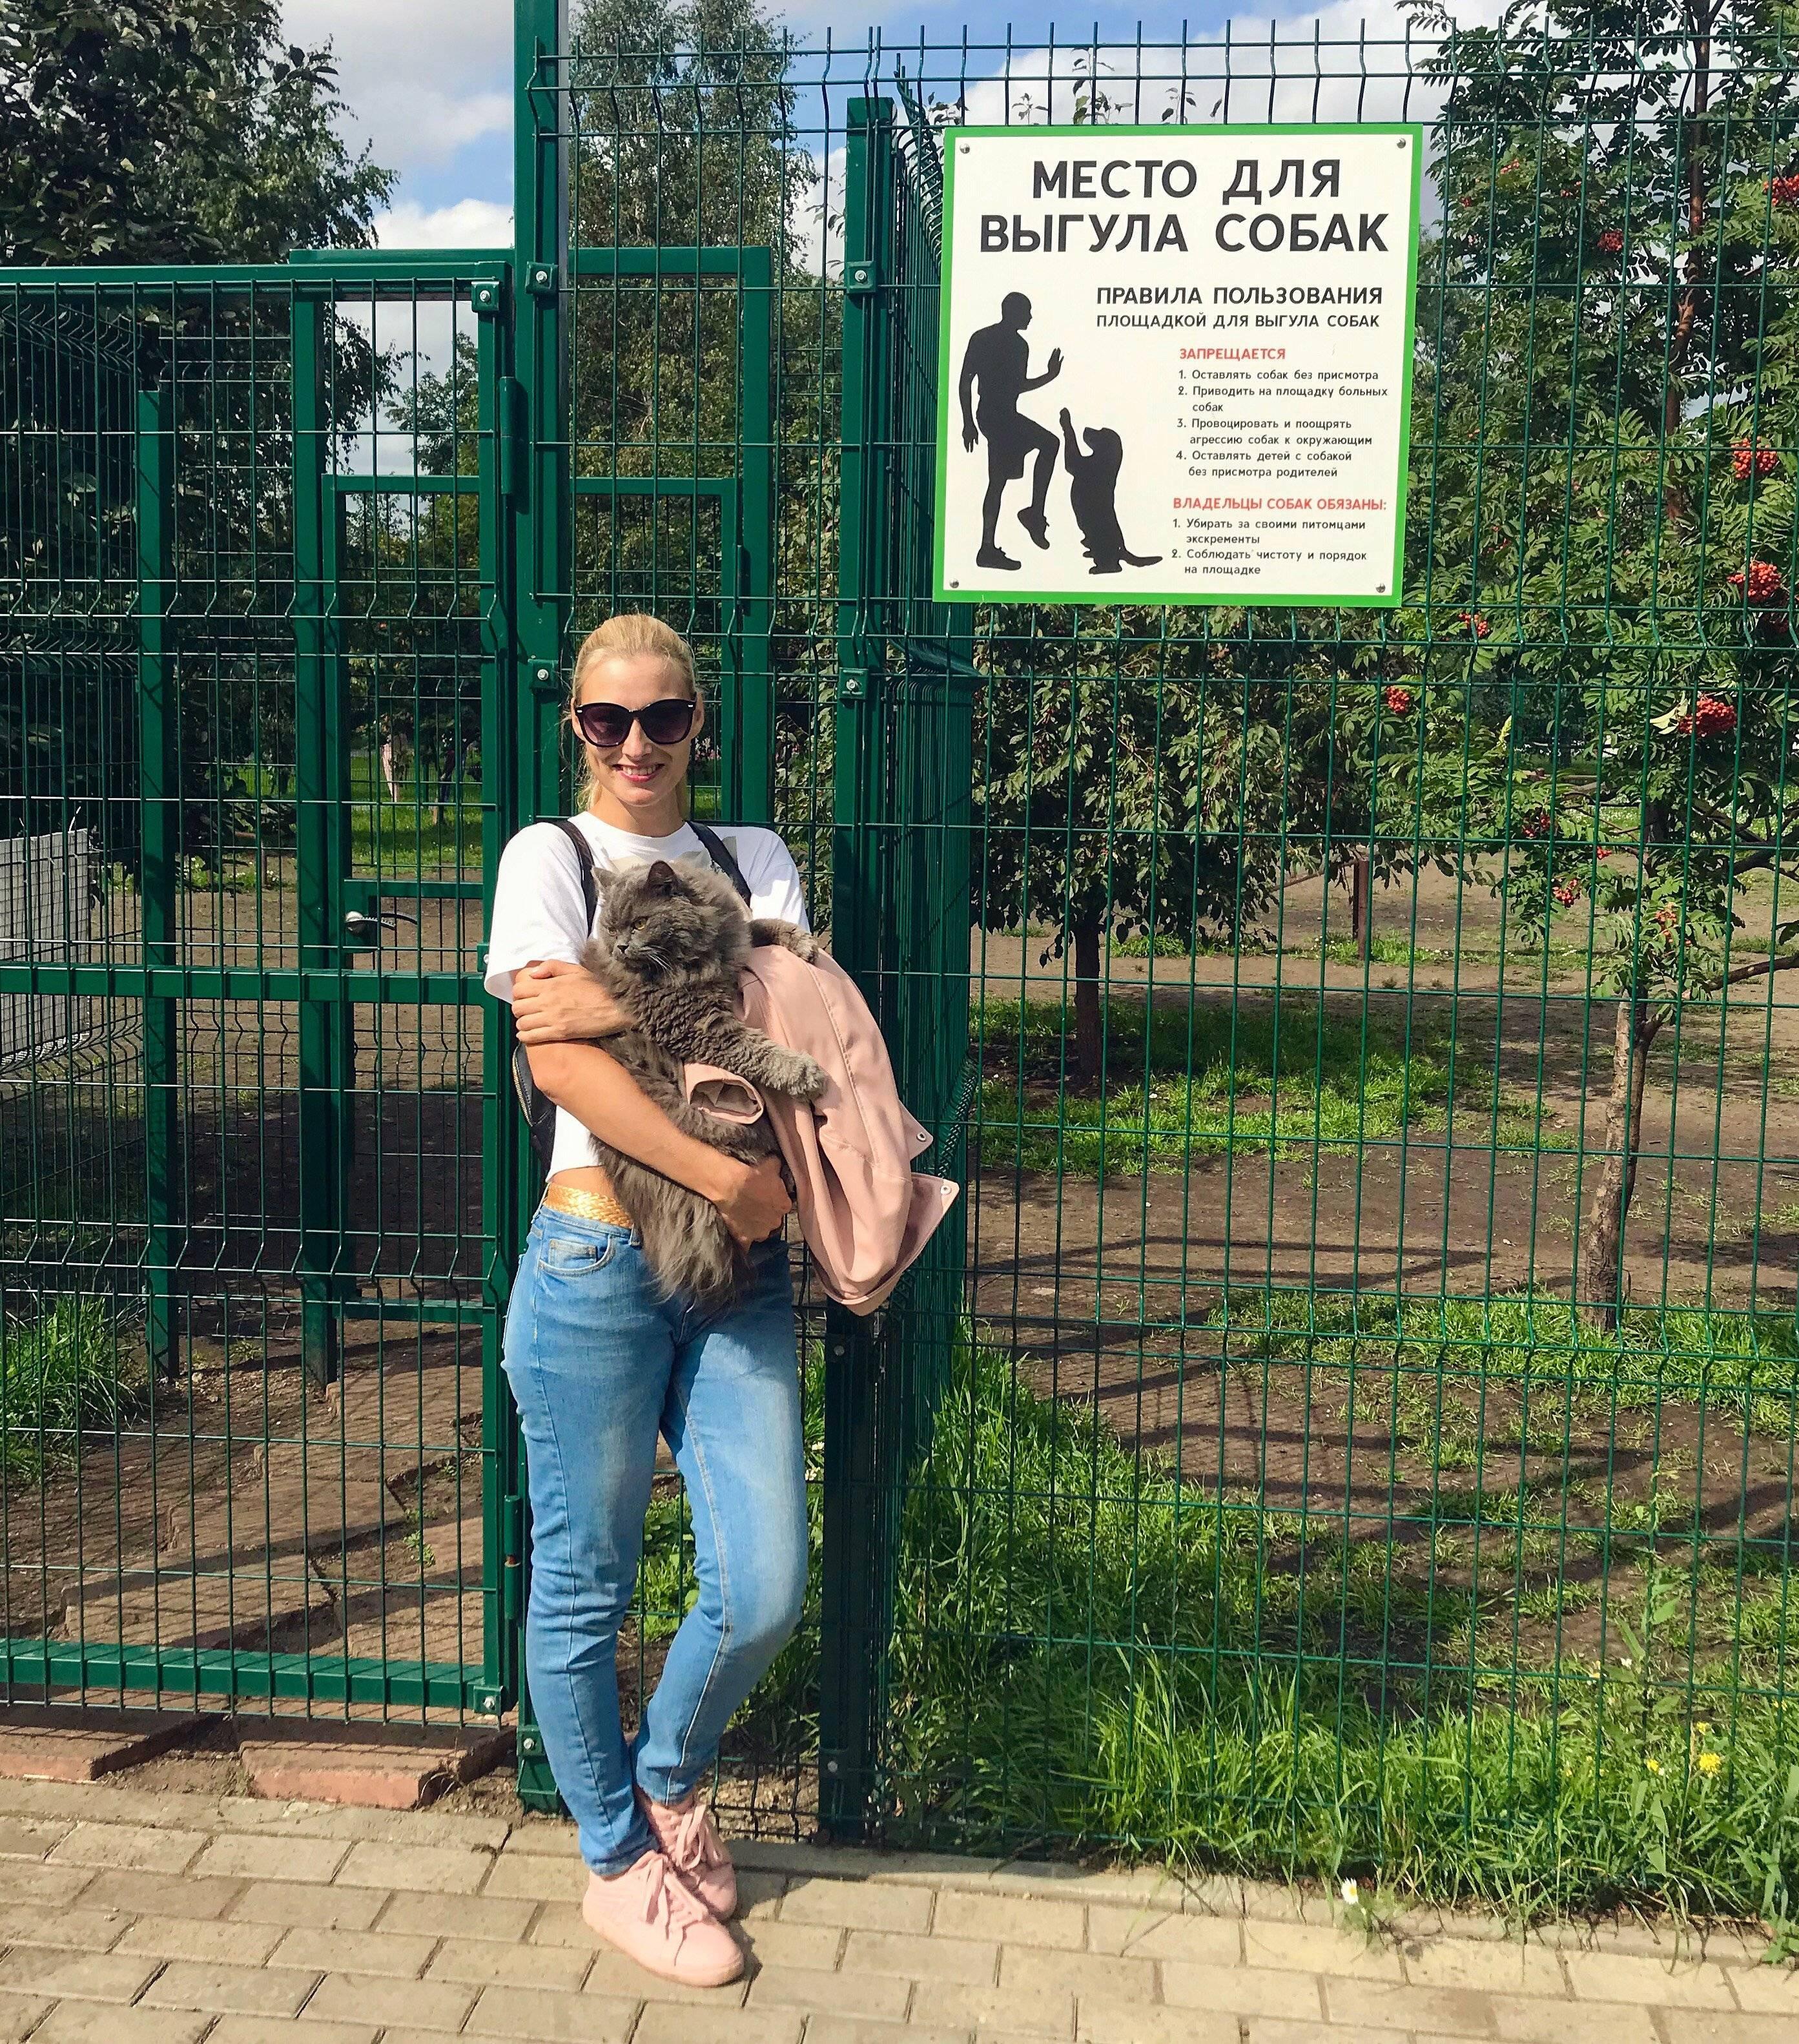 Обзор законов, правил, запретов и штрафов по выгулу и содержанию собак